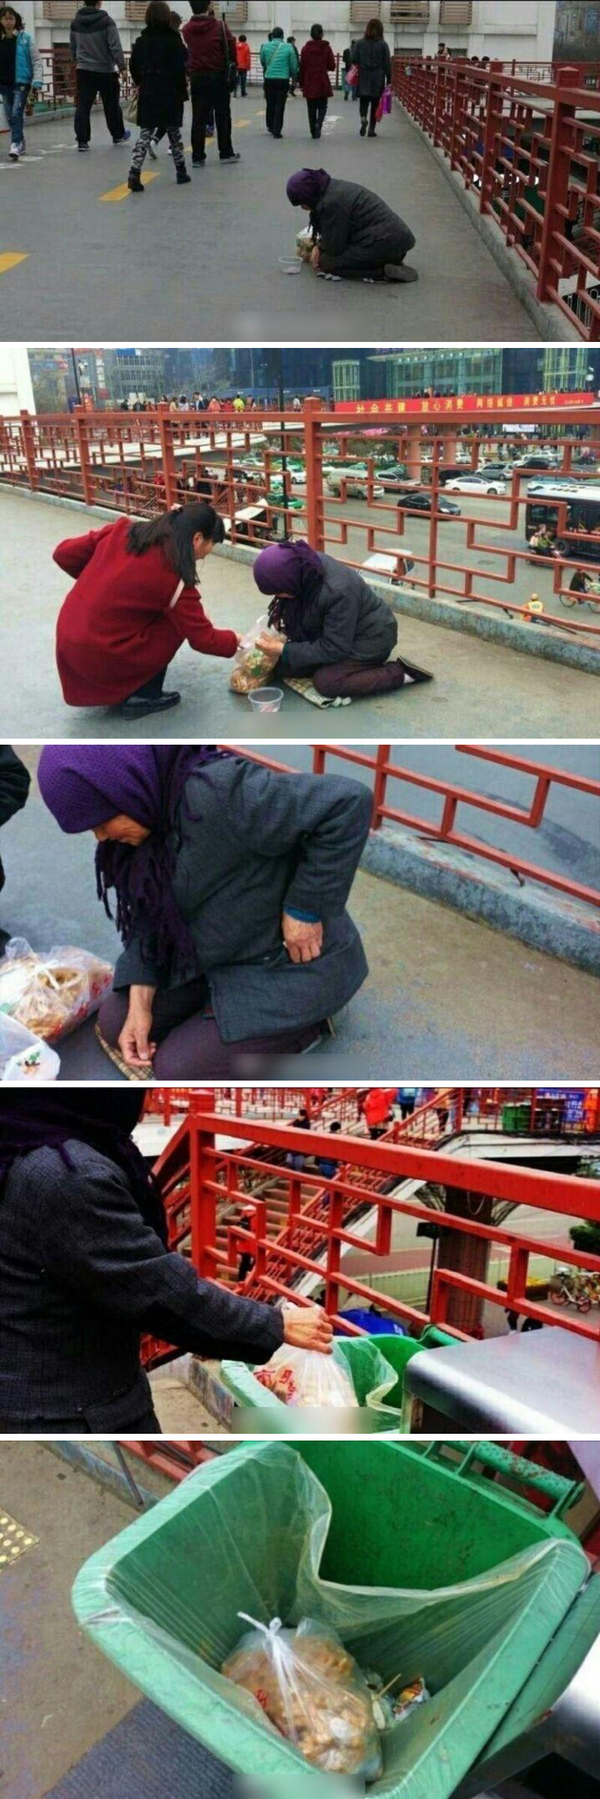 Добрая девушка помогла бабушке, просившей милостыню. Милостыня, Бедность, Доброта, Бабушка, Китайцы, Китай, Длиннопост